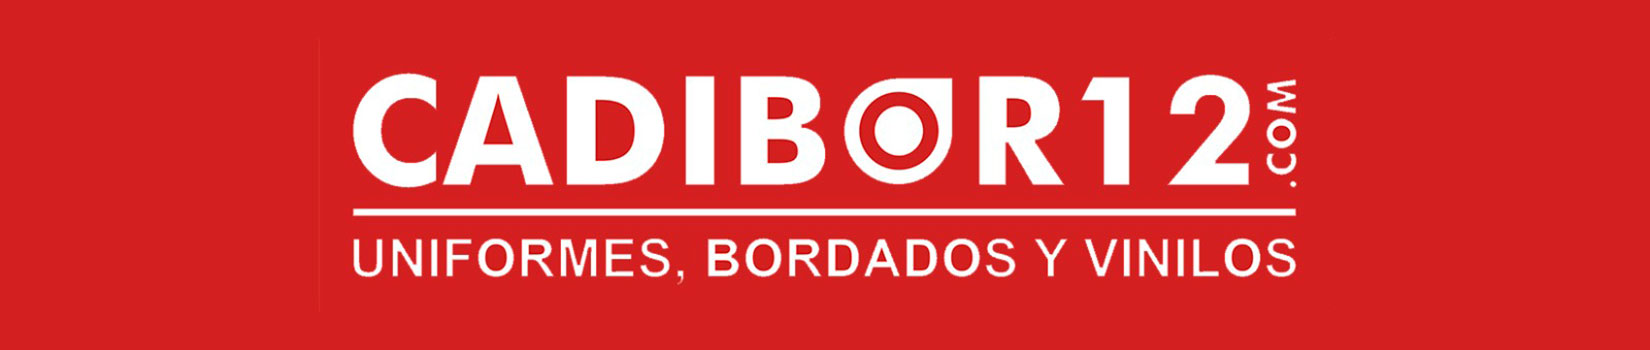 Cadibor12